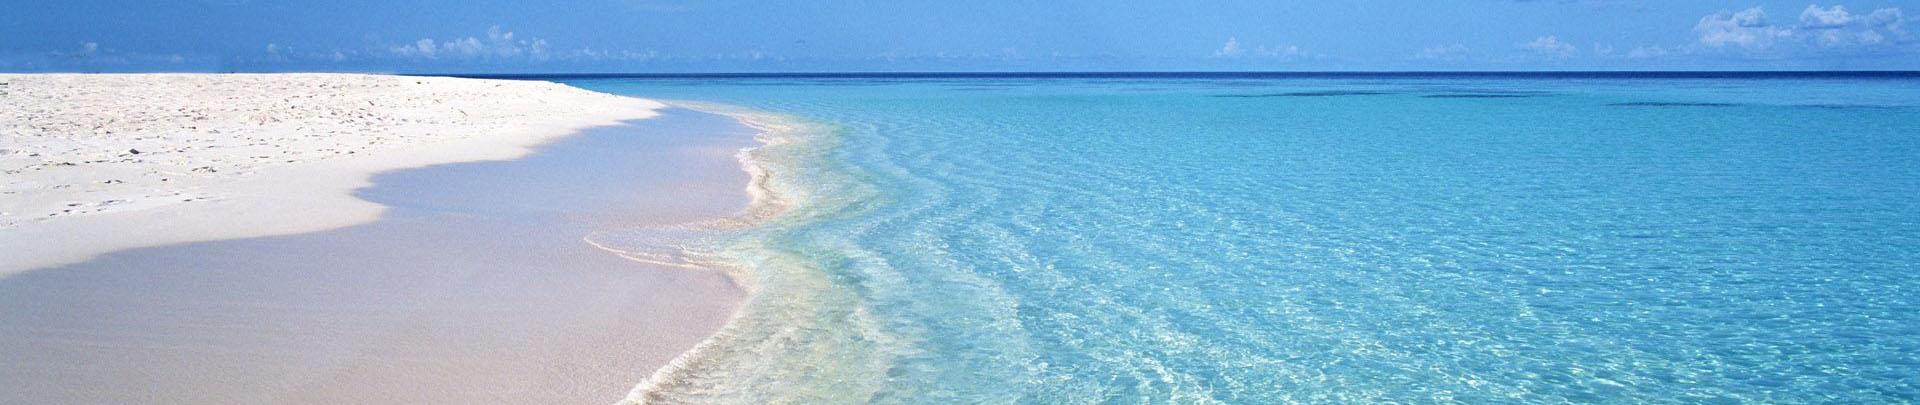 footer spiaggia mare sicilia